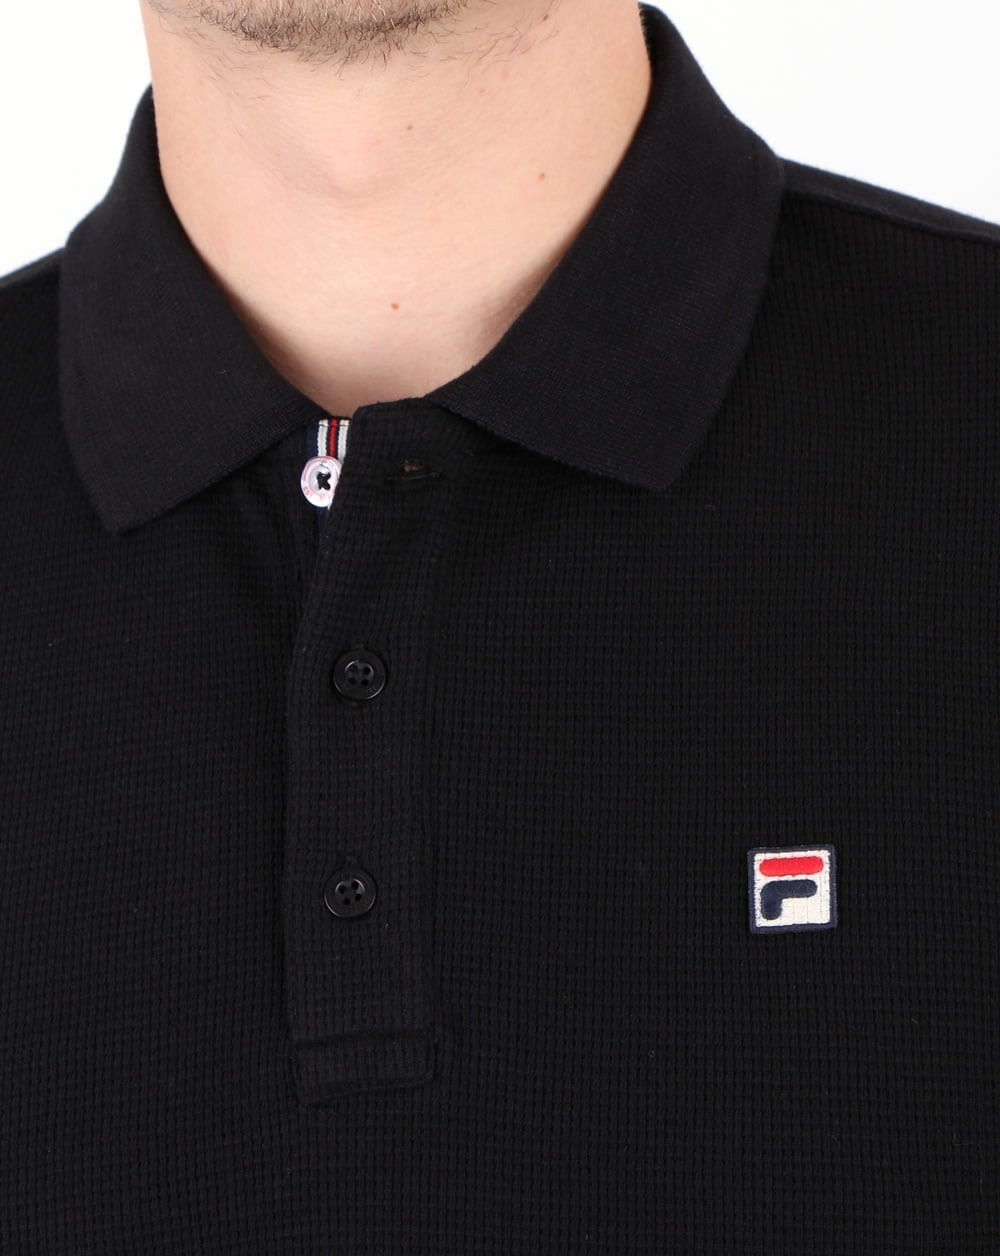 Fila Vintage Long Sleeve Polo Shirt Black